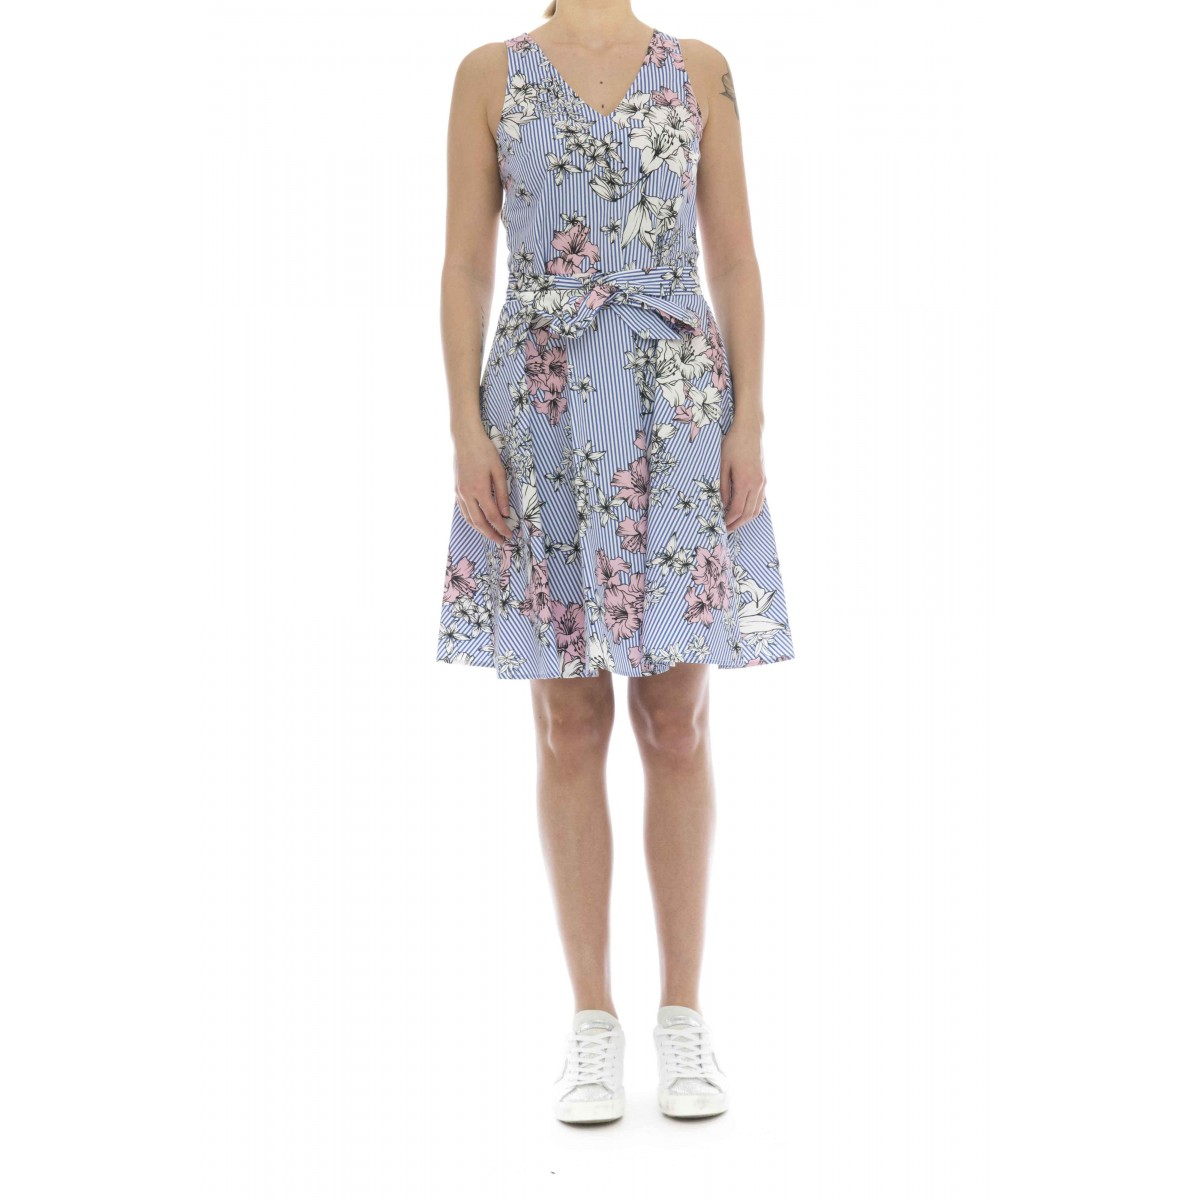 Vestito - Baz vestito stampa